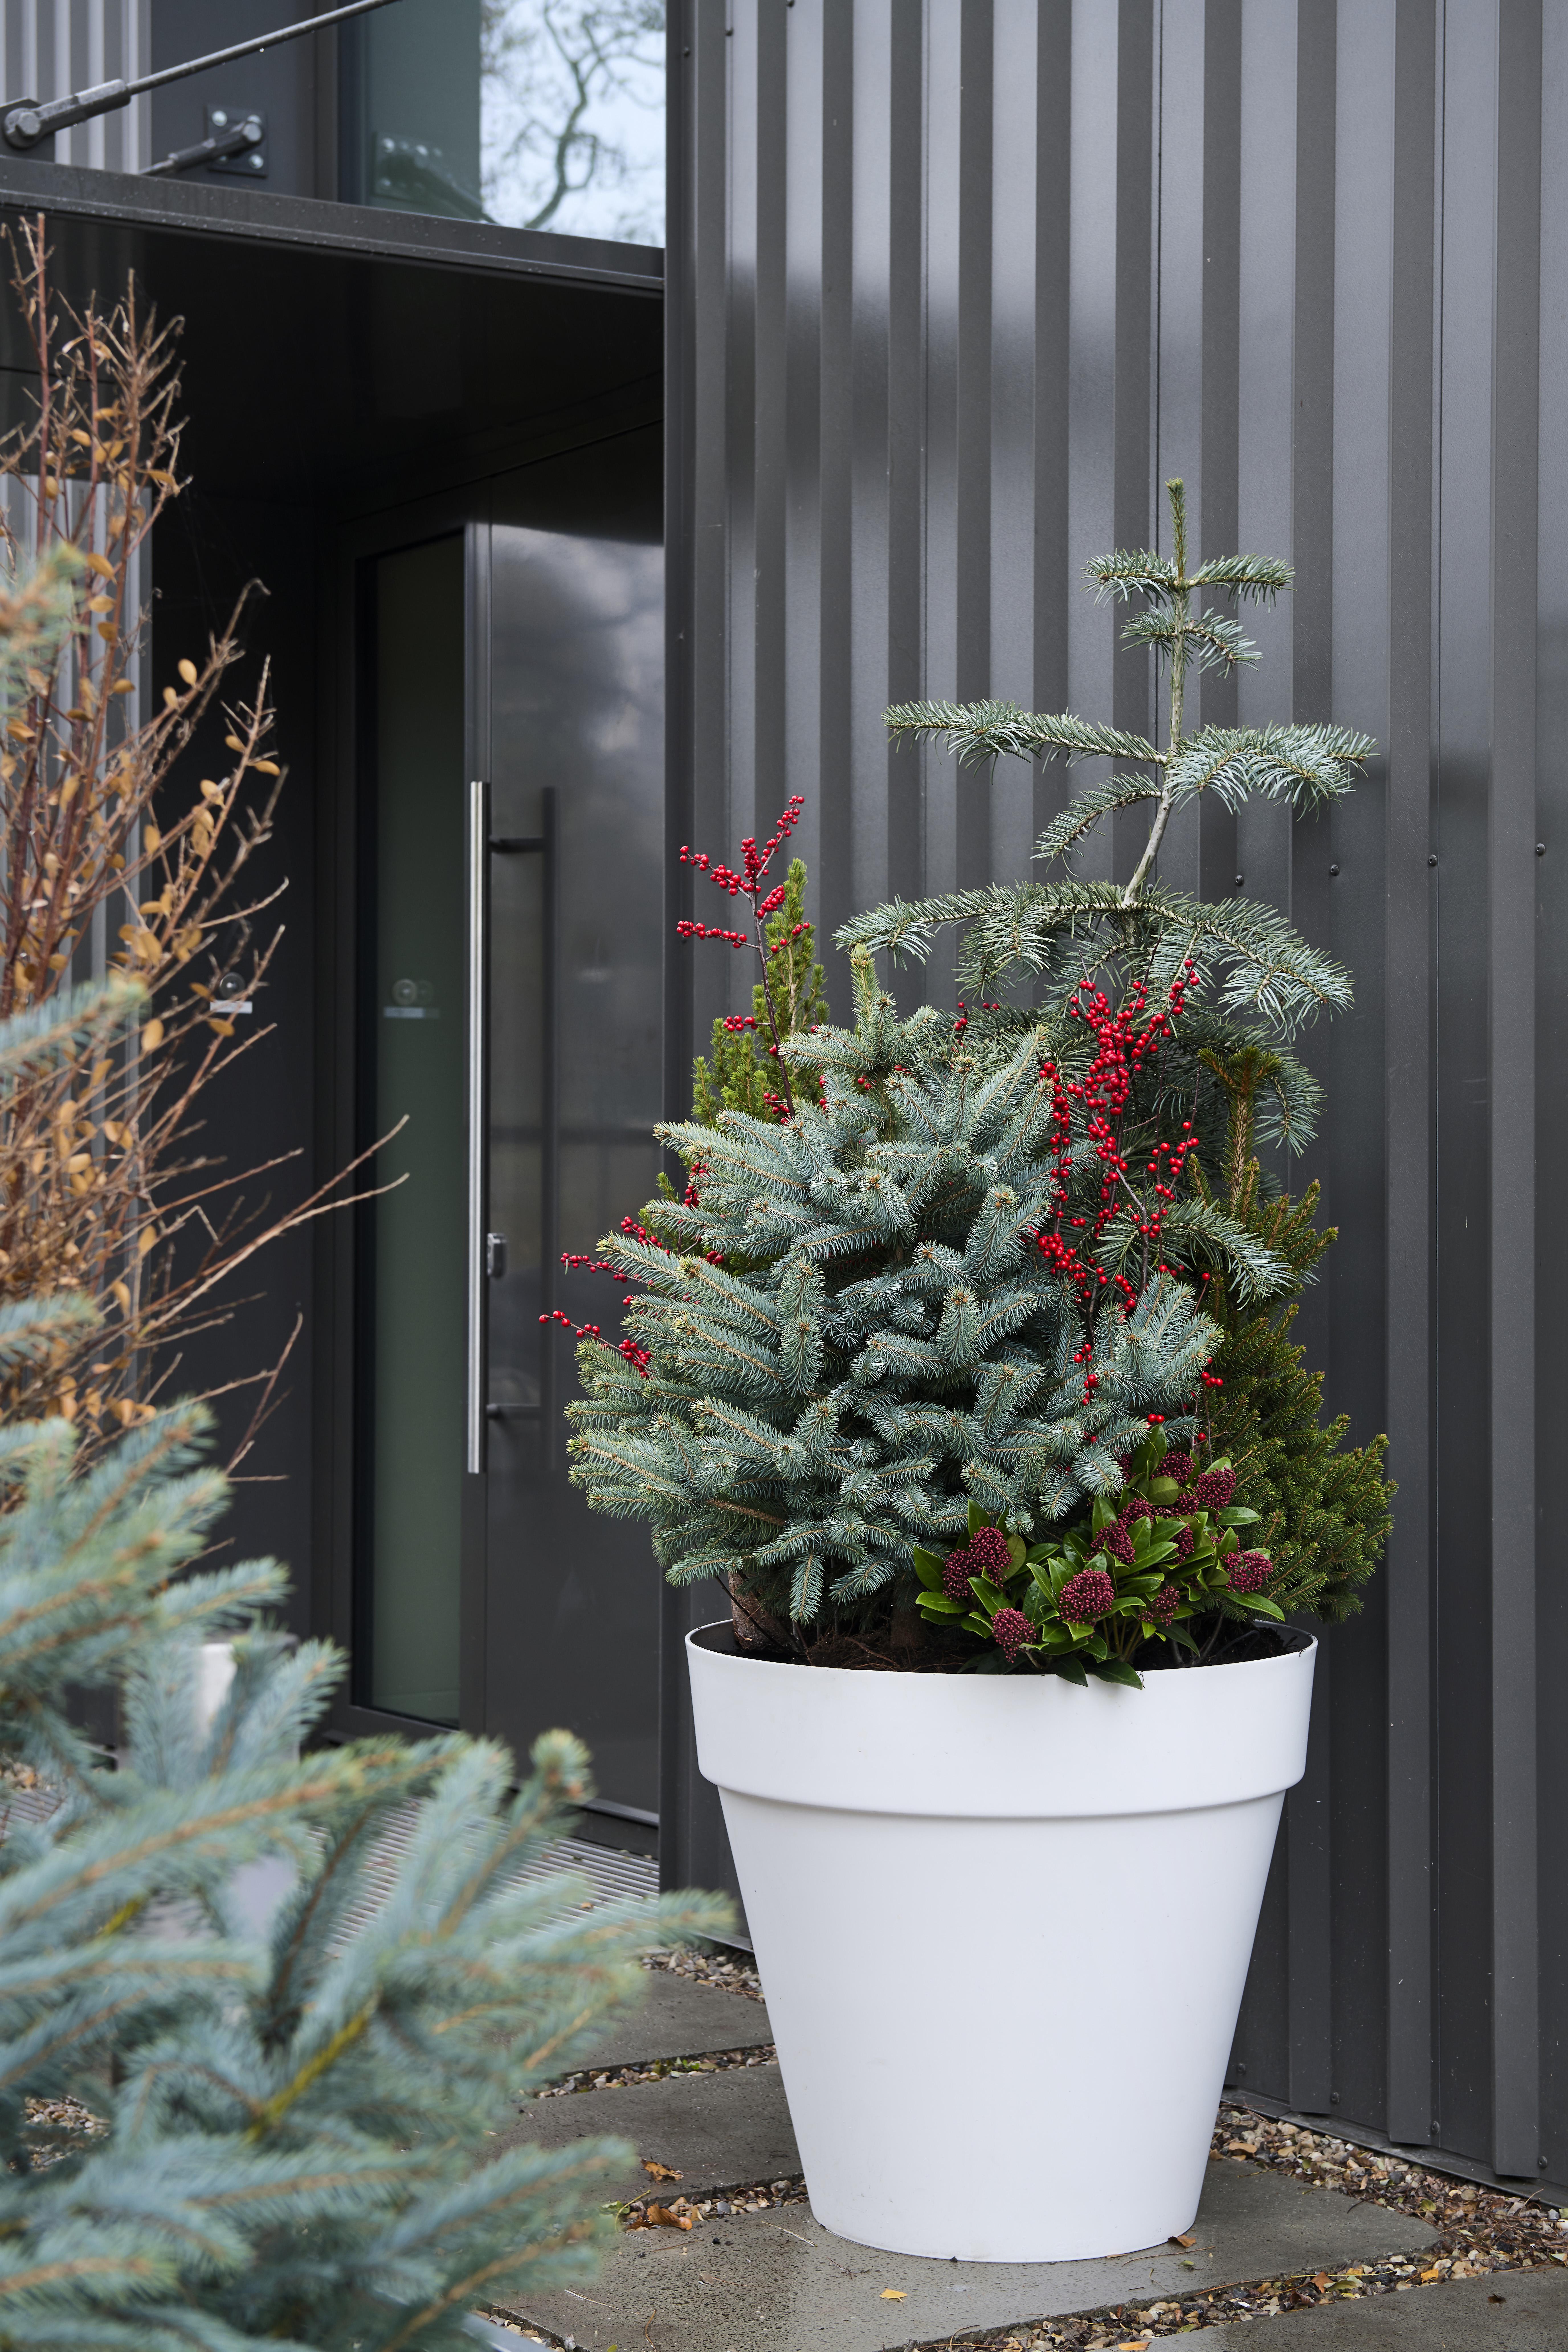 Kerstsparren: Tuinplanten van de maand december 2019